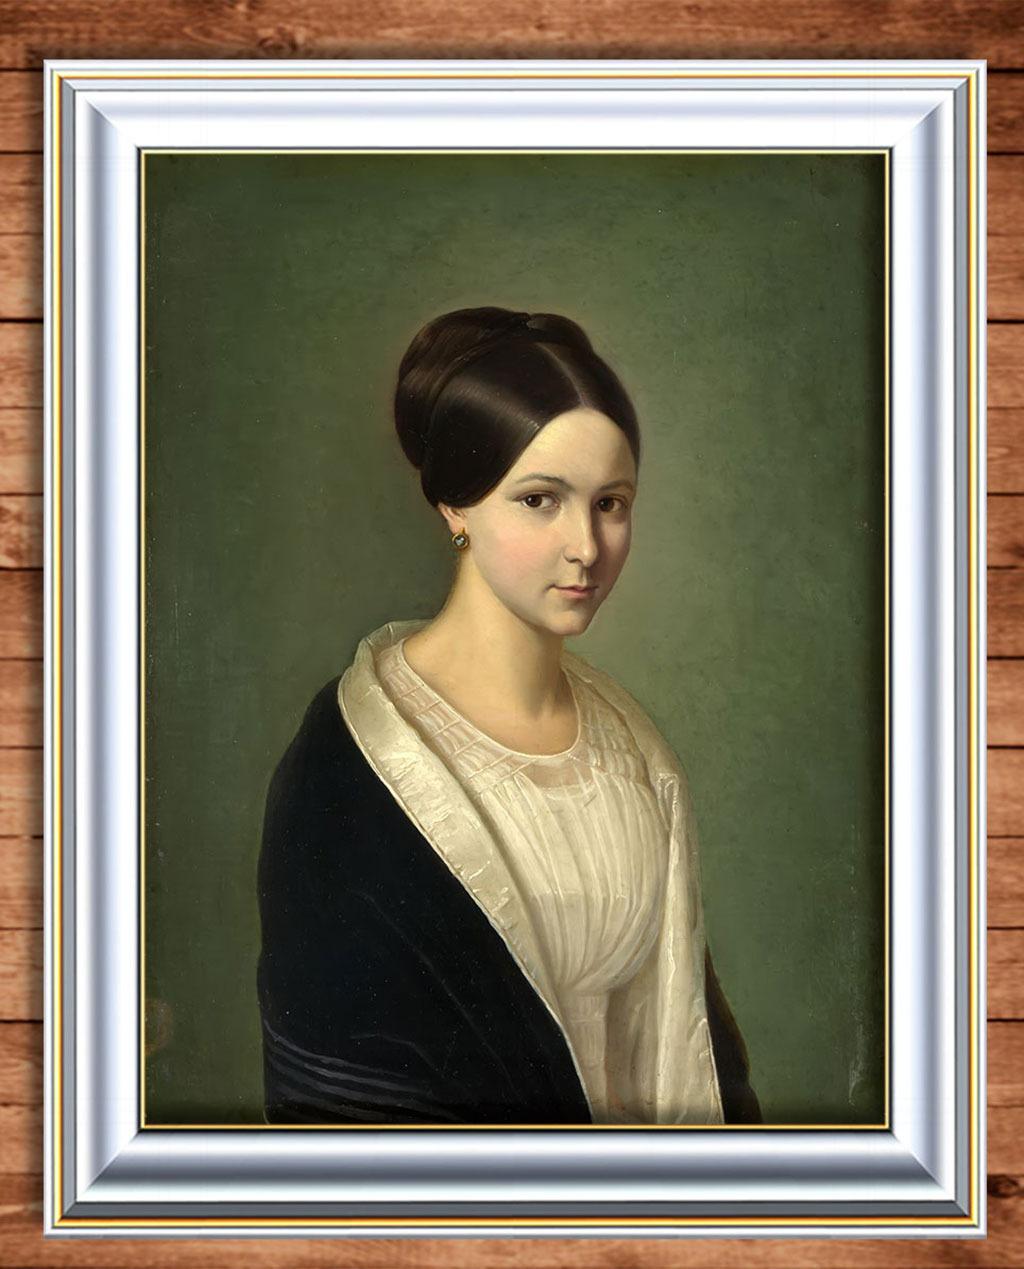 少女 黑衣/黑衣贵族少女古典主义油画